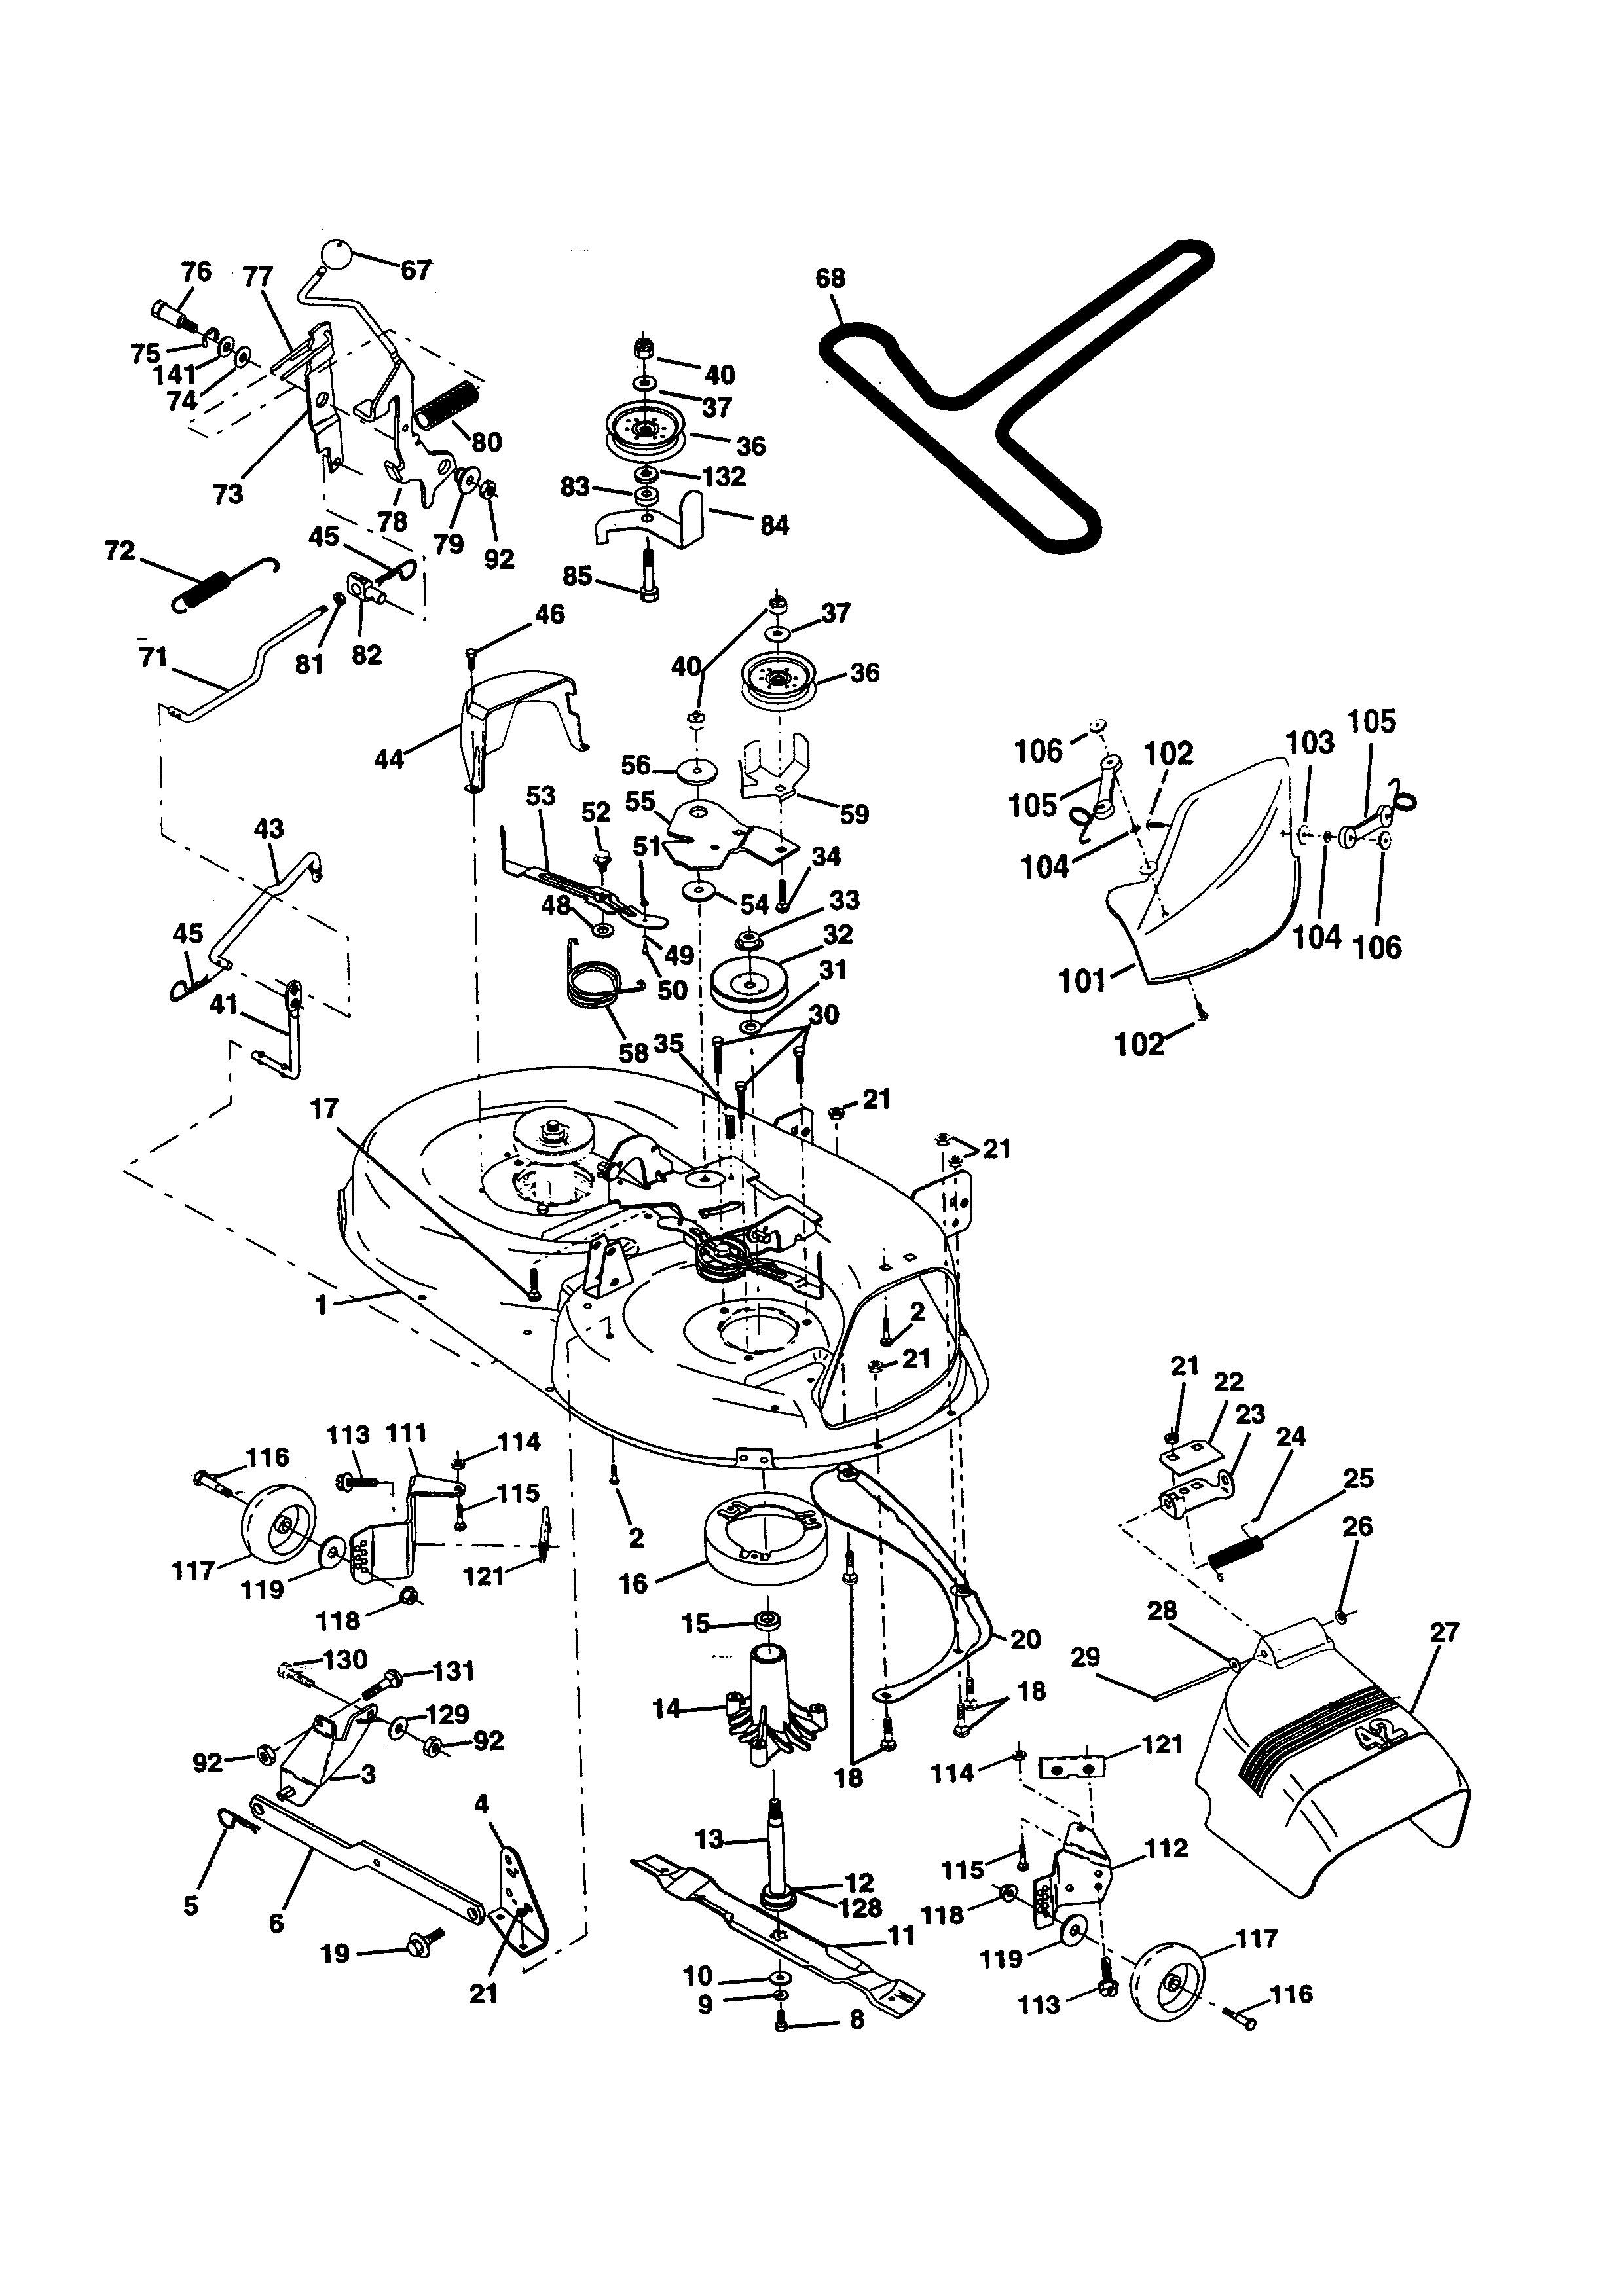 Craftsman Lawn Tractor Parts Diagram Western Auto Model Ayp9187b89 Lawn Tractor Genuine Parts Of Craftsman Lawn Tractor Parts Diagram